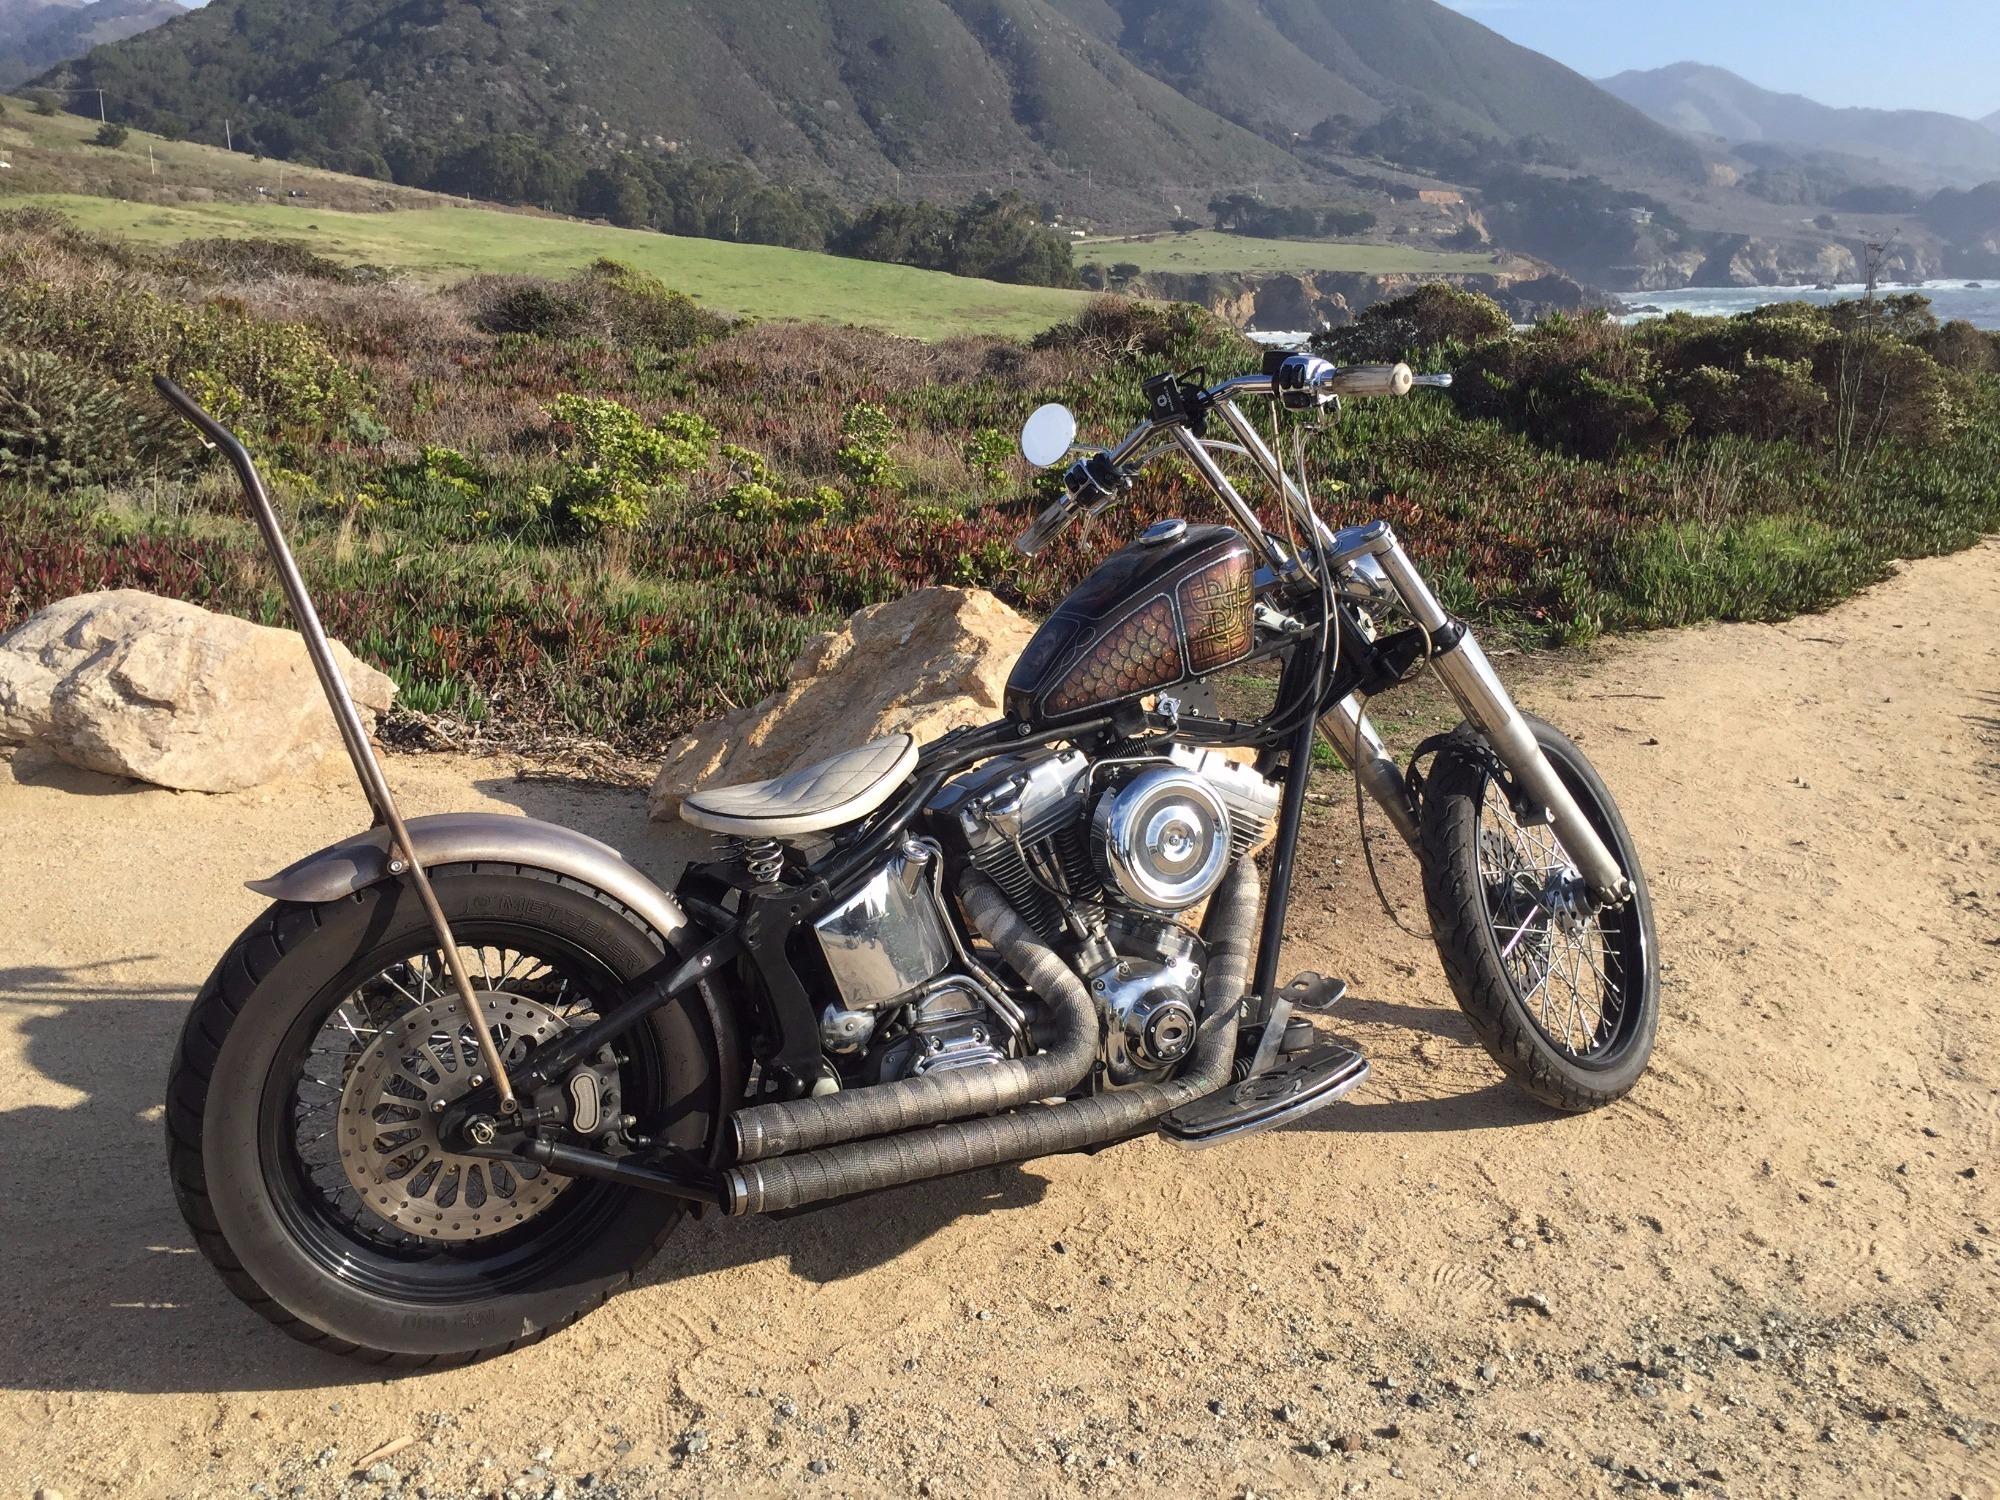 Harley Davidson San Francisco >> Harley Davidson Softail Slim Fls For Rent Near San Francisco Ca